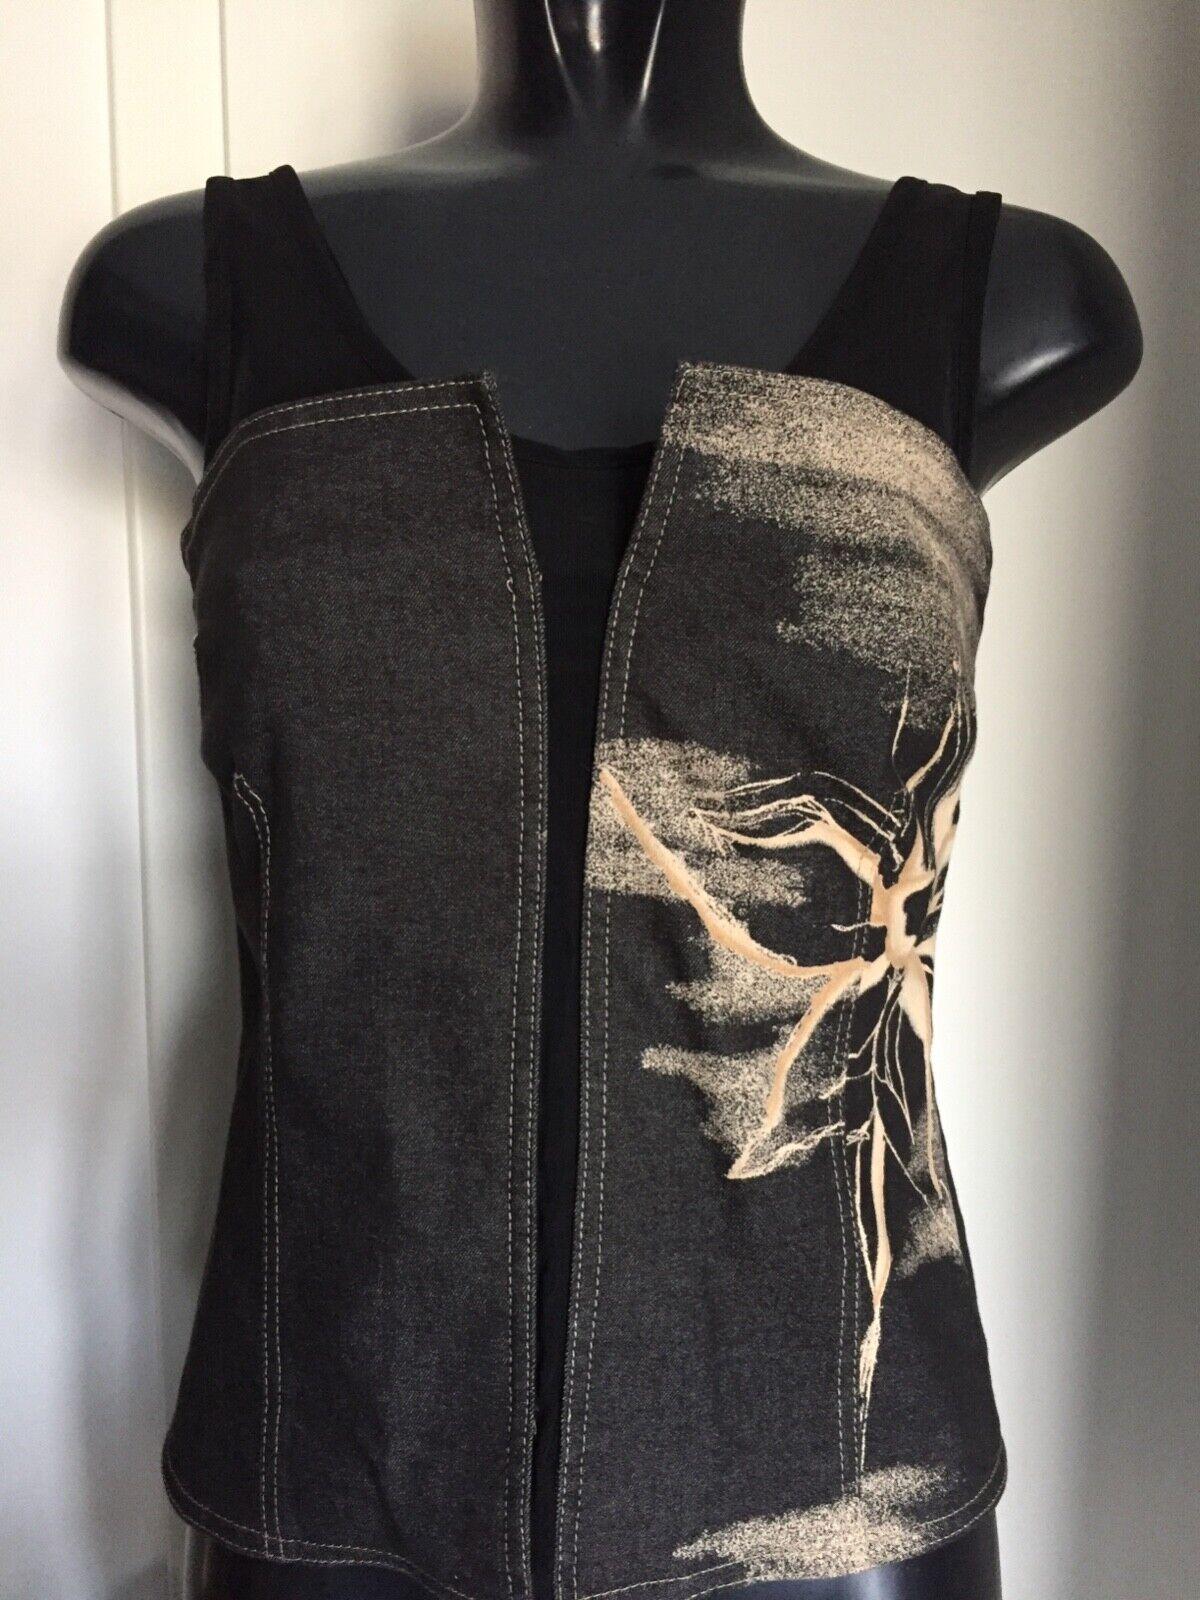 Top, Blause von schwarzy Dress Berlin d g 36 wie neu